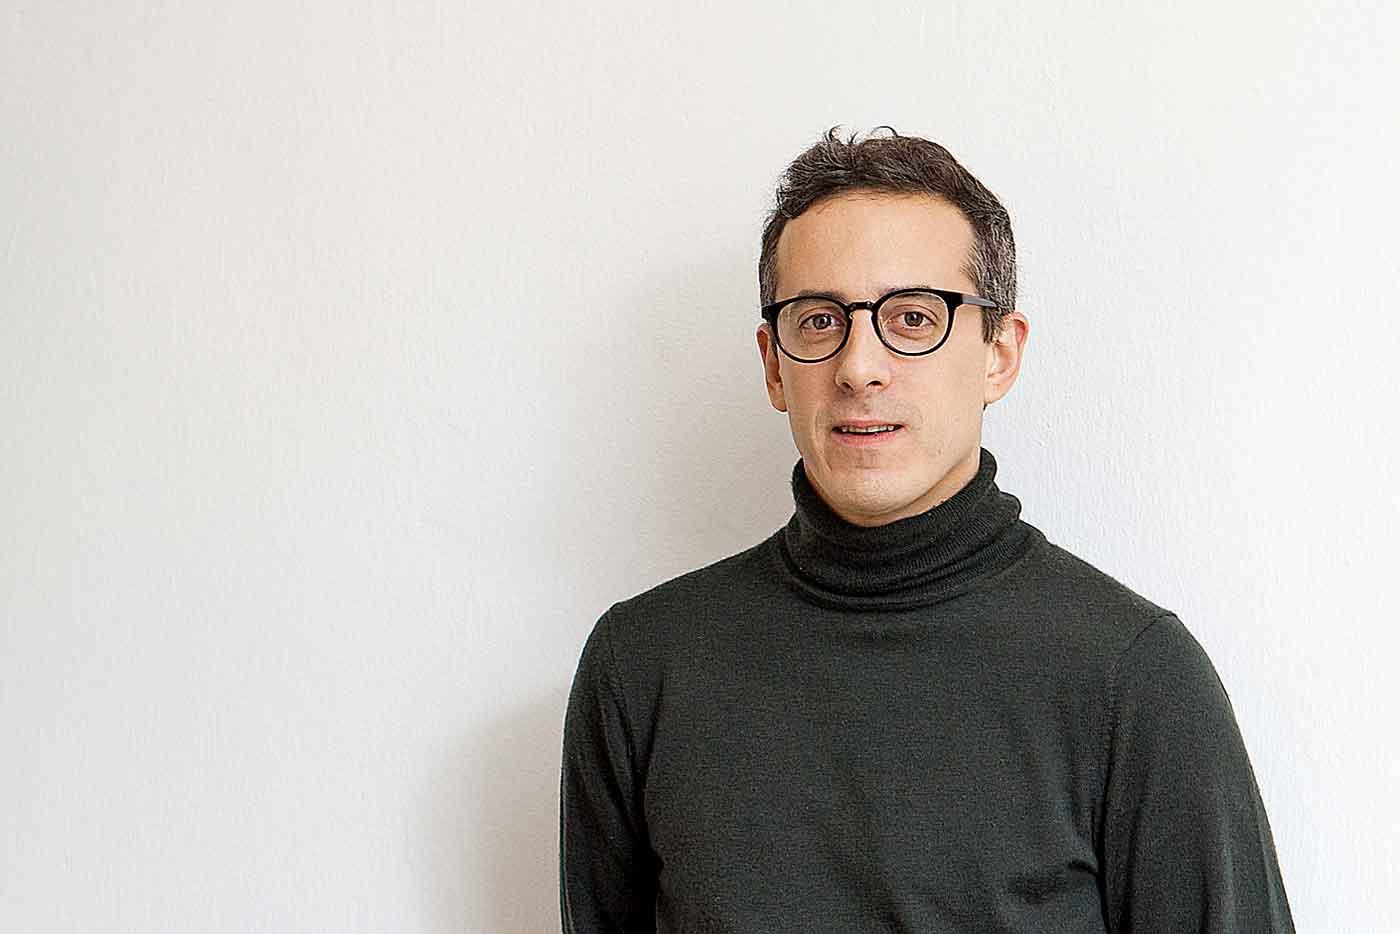 Entrevista Fan con Artur Estrada de Nueva Vulcano